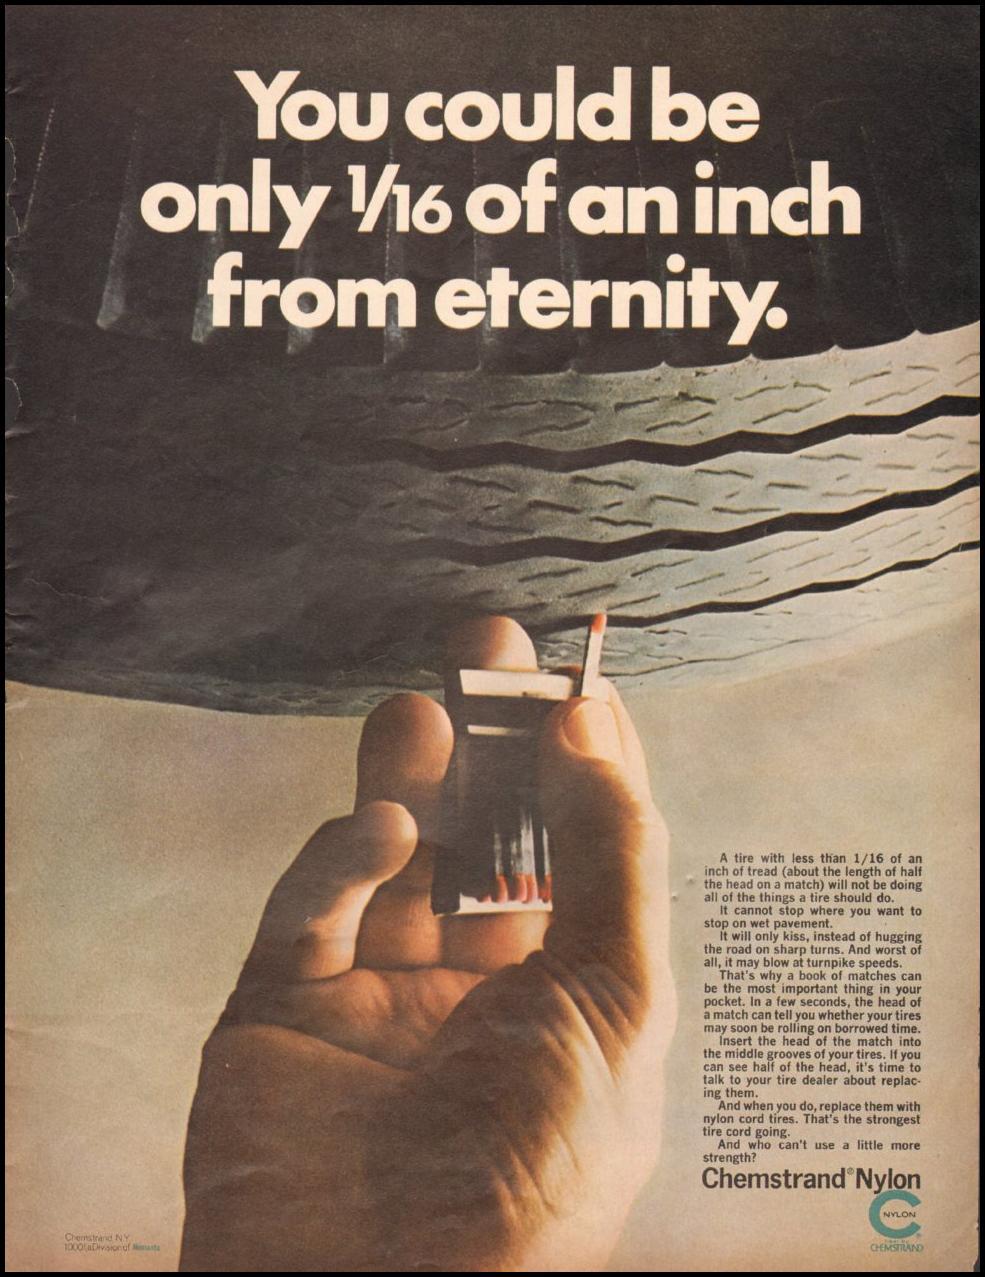 CHEMSTRAND NYLON LIFE 11/04/1966